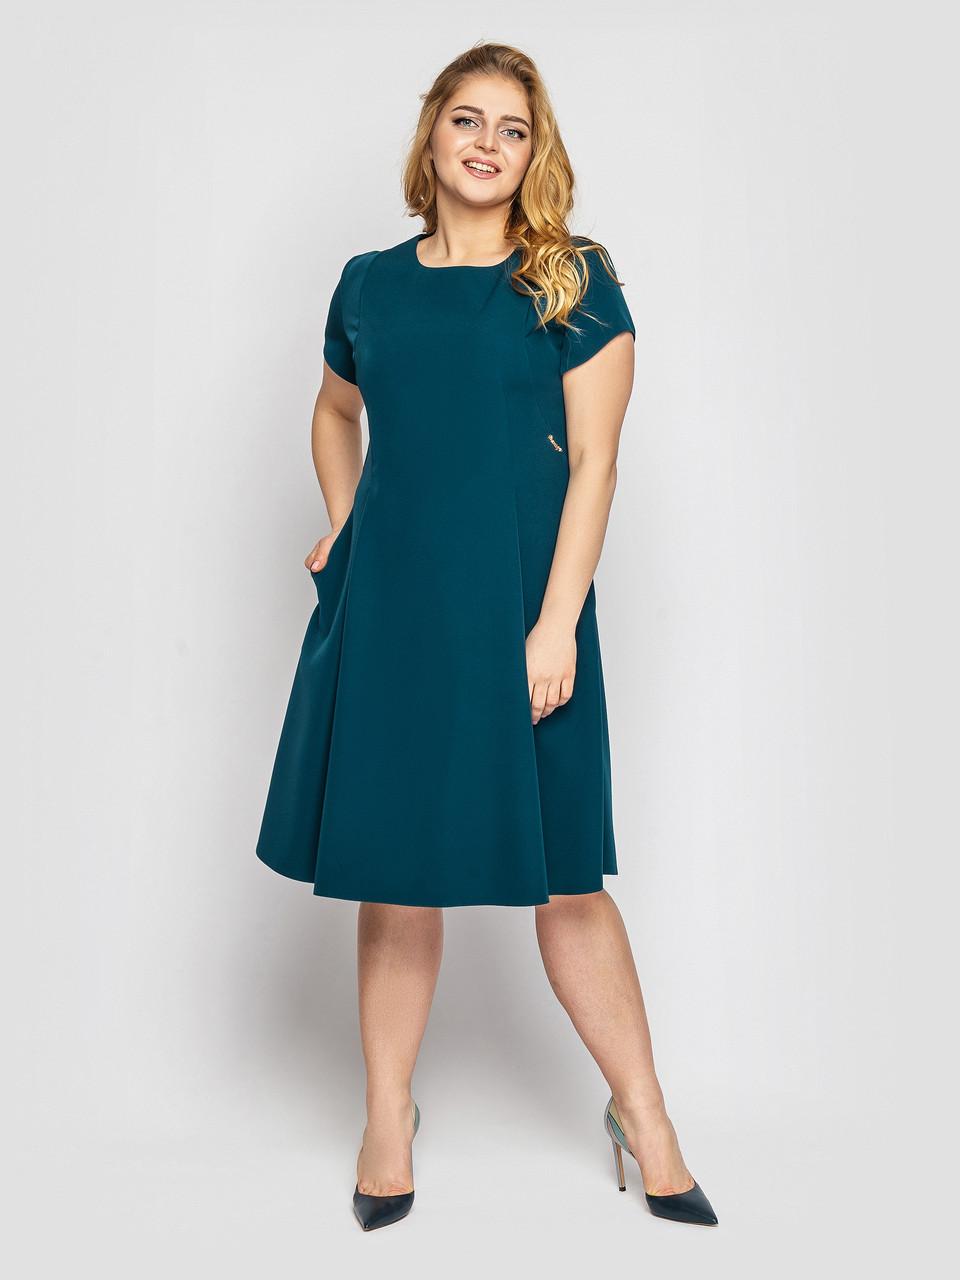 Батальное платье с карманами 48,50,52,54,56,58 размер